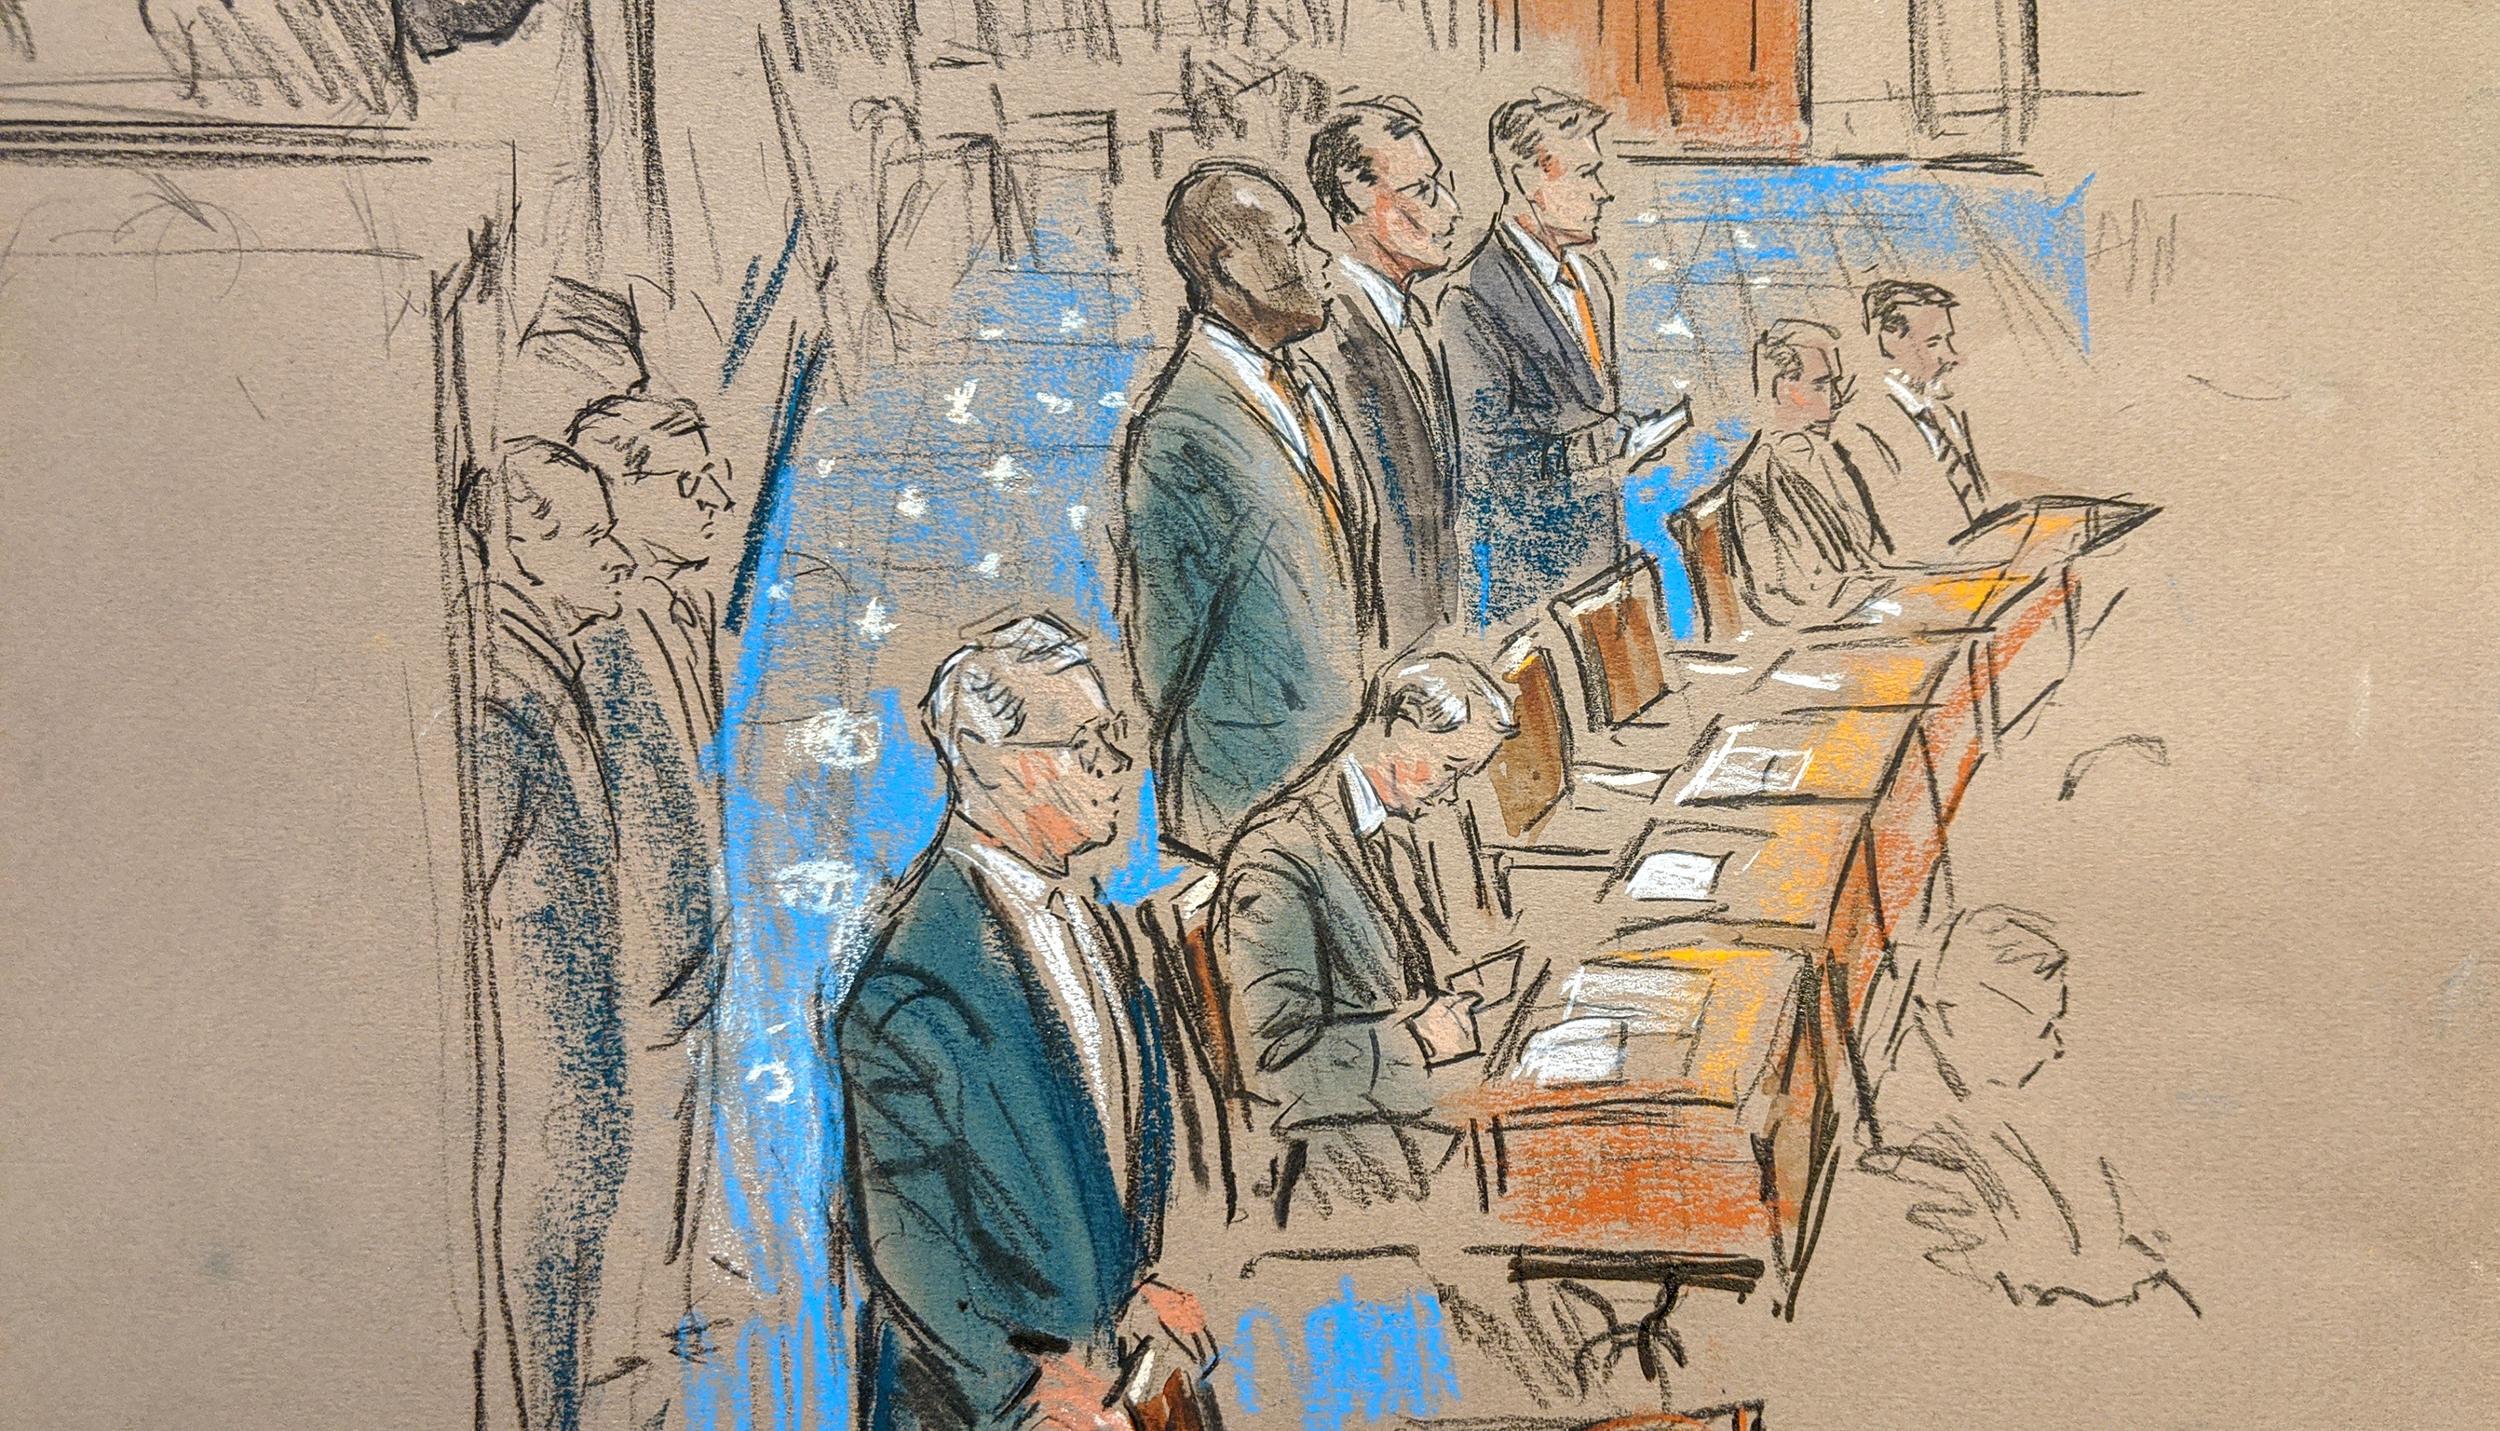 More impeachment trial scenes the Senate TV cameras won't show